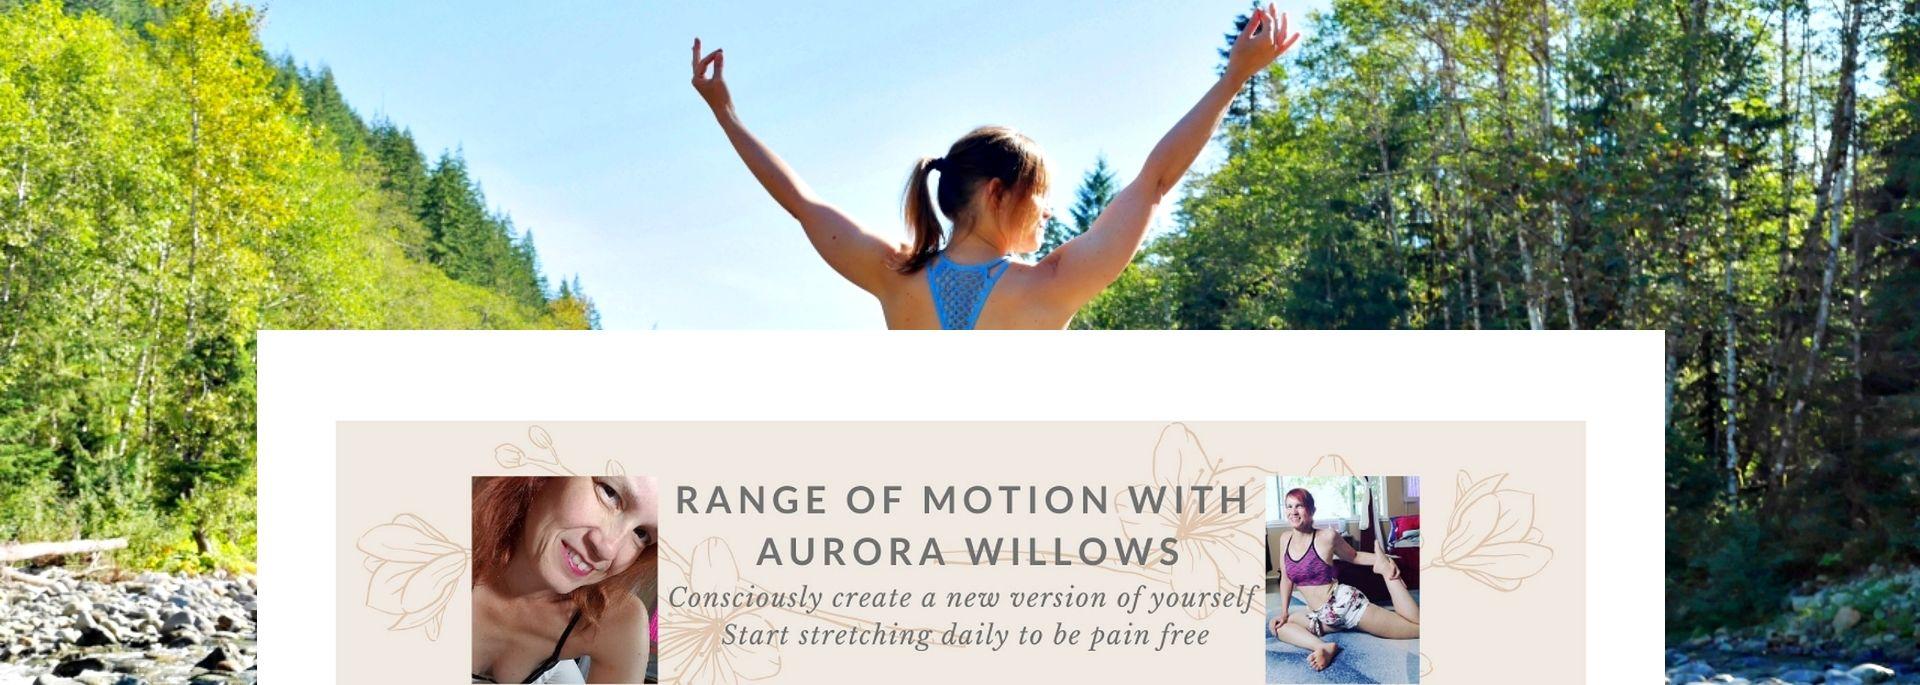 Aurora Willows channel